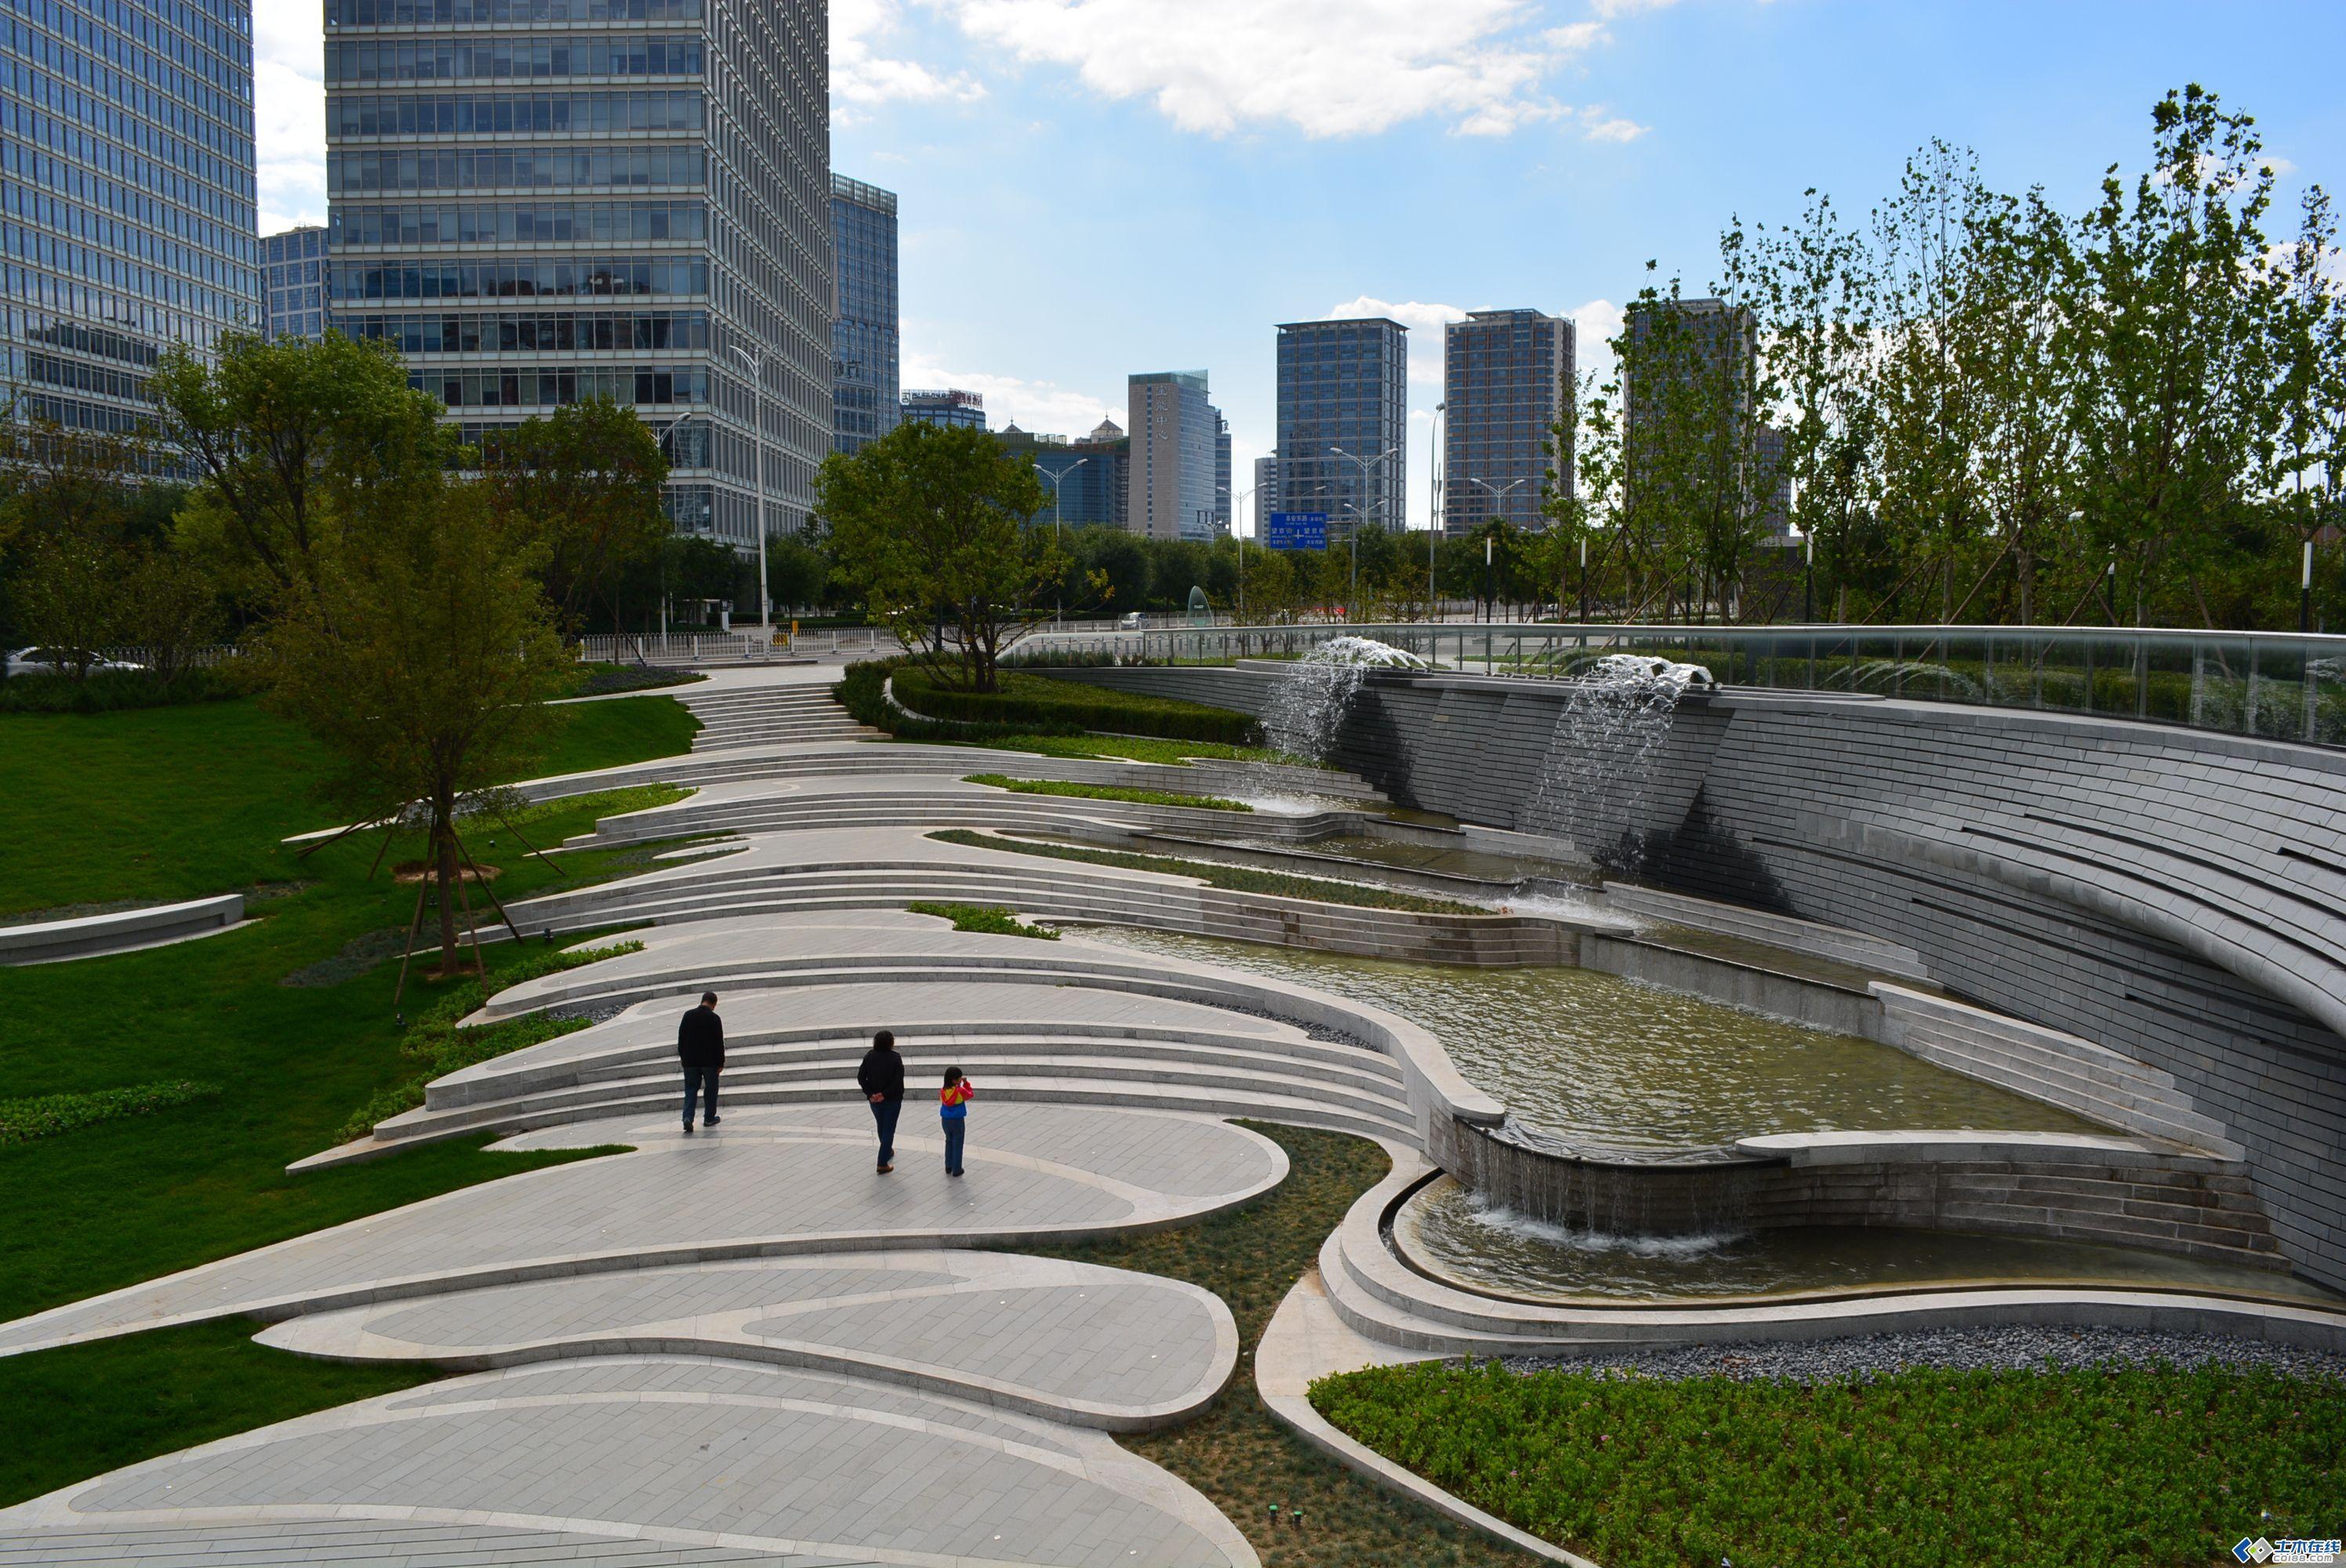 北京望京soho景观现场照片 土木在线论坛 Landscape Stairs Modern Landscape Design Landscape Design Plans